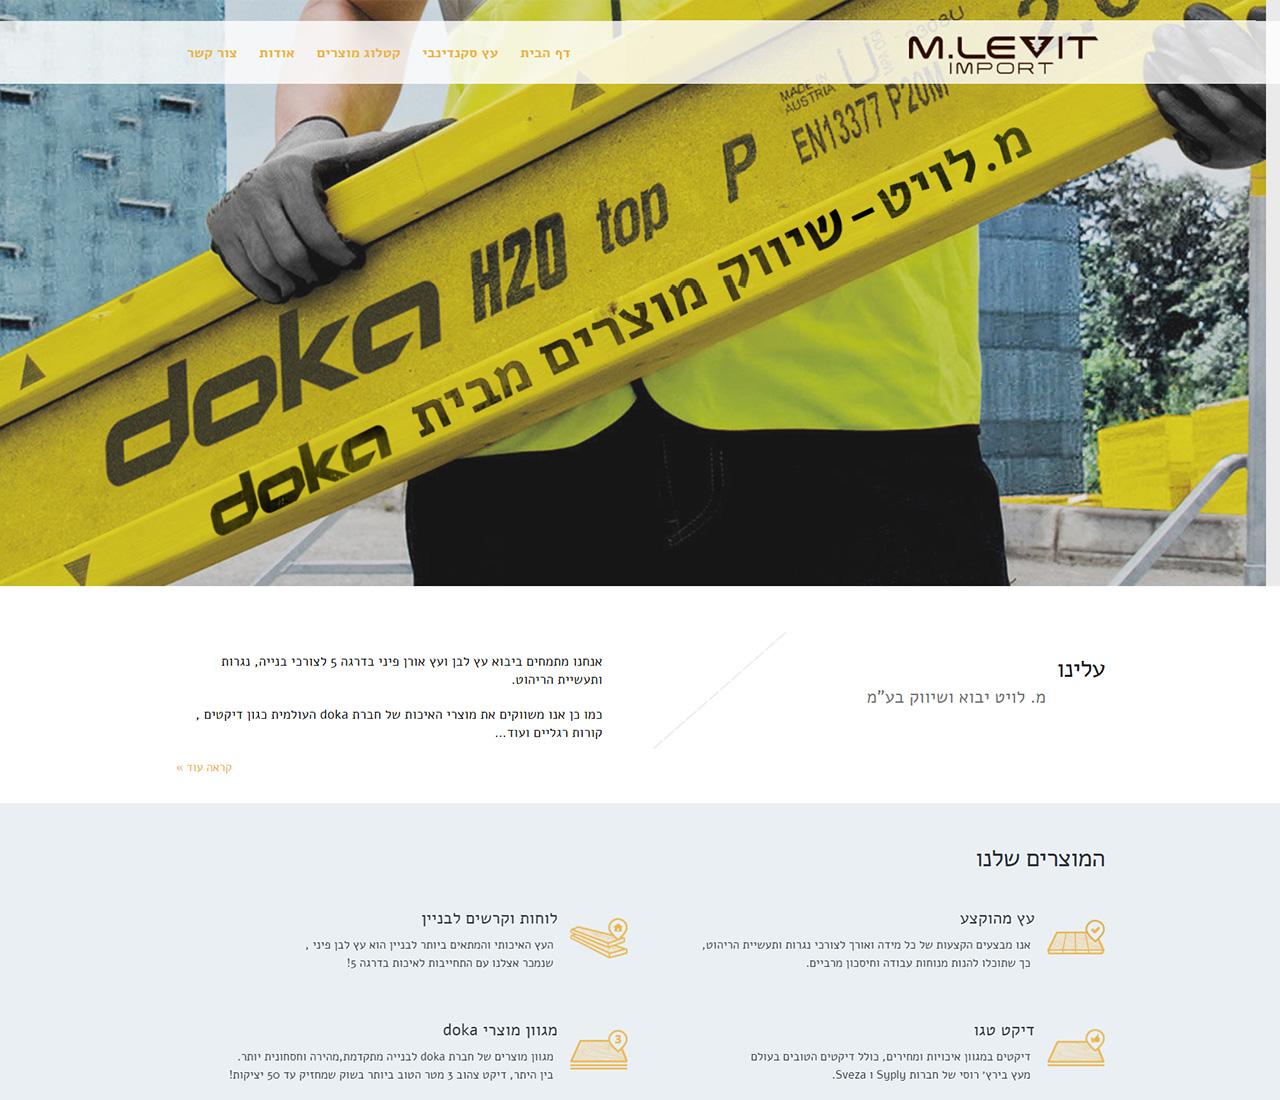 M-Levit Import — Сайт-визитка компании, занимающейся импортом